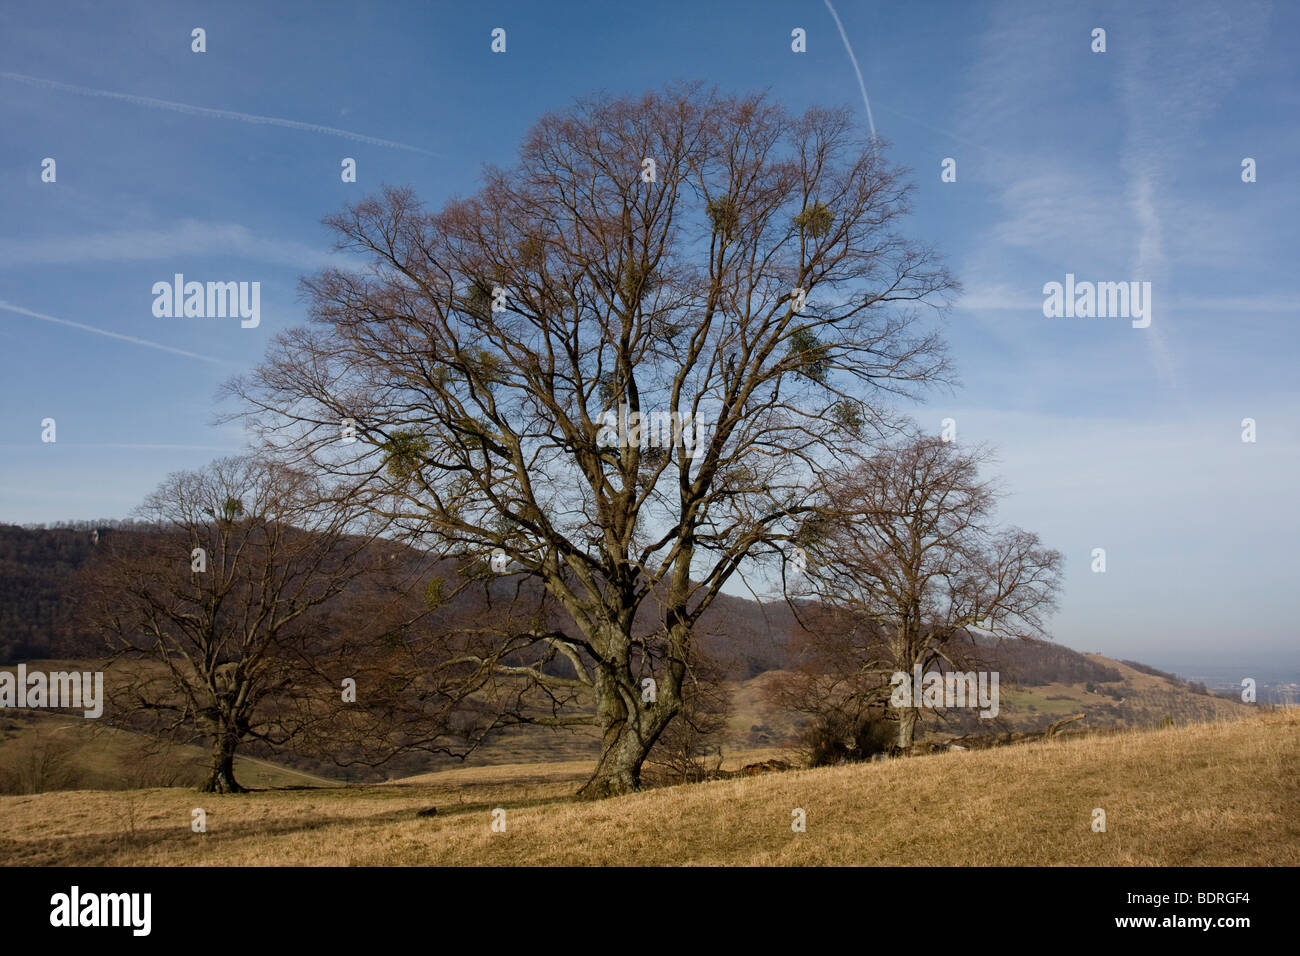 baum,baeume, Fruehling, teck, schwaebische alb, deutschland, tree,trees, spring, germany - Stock Image